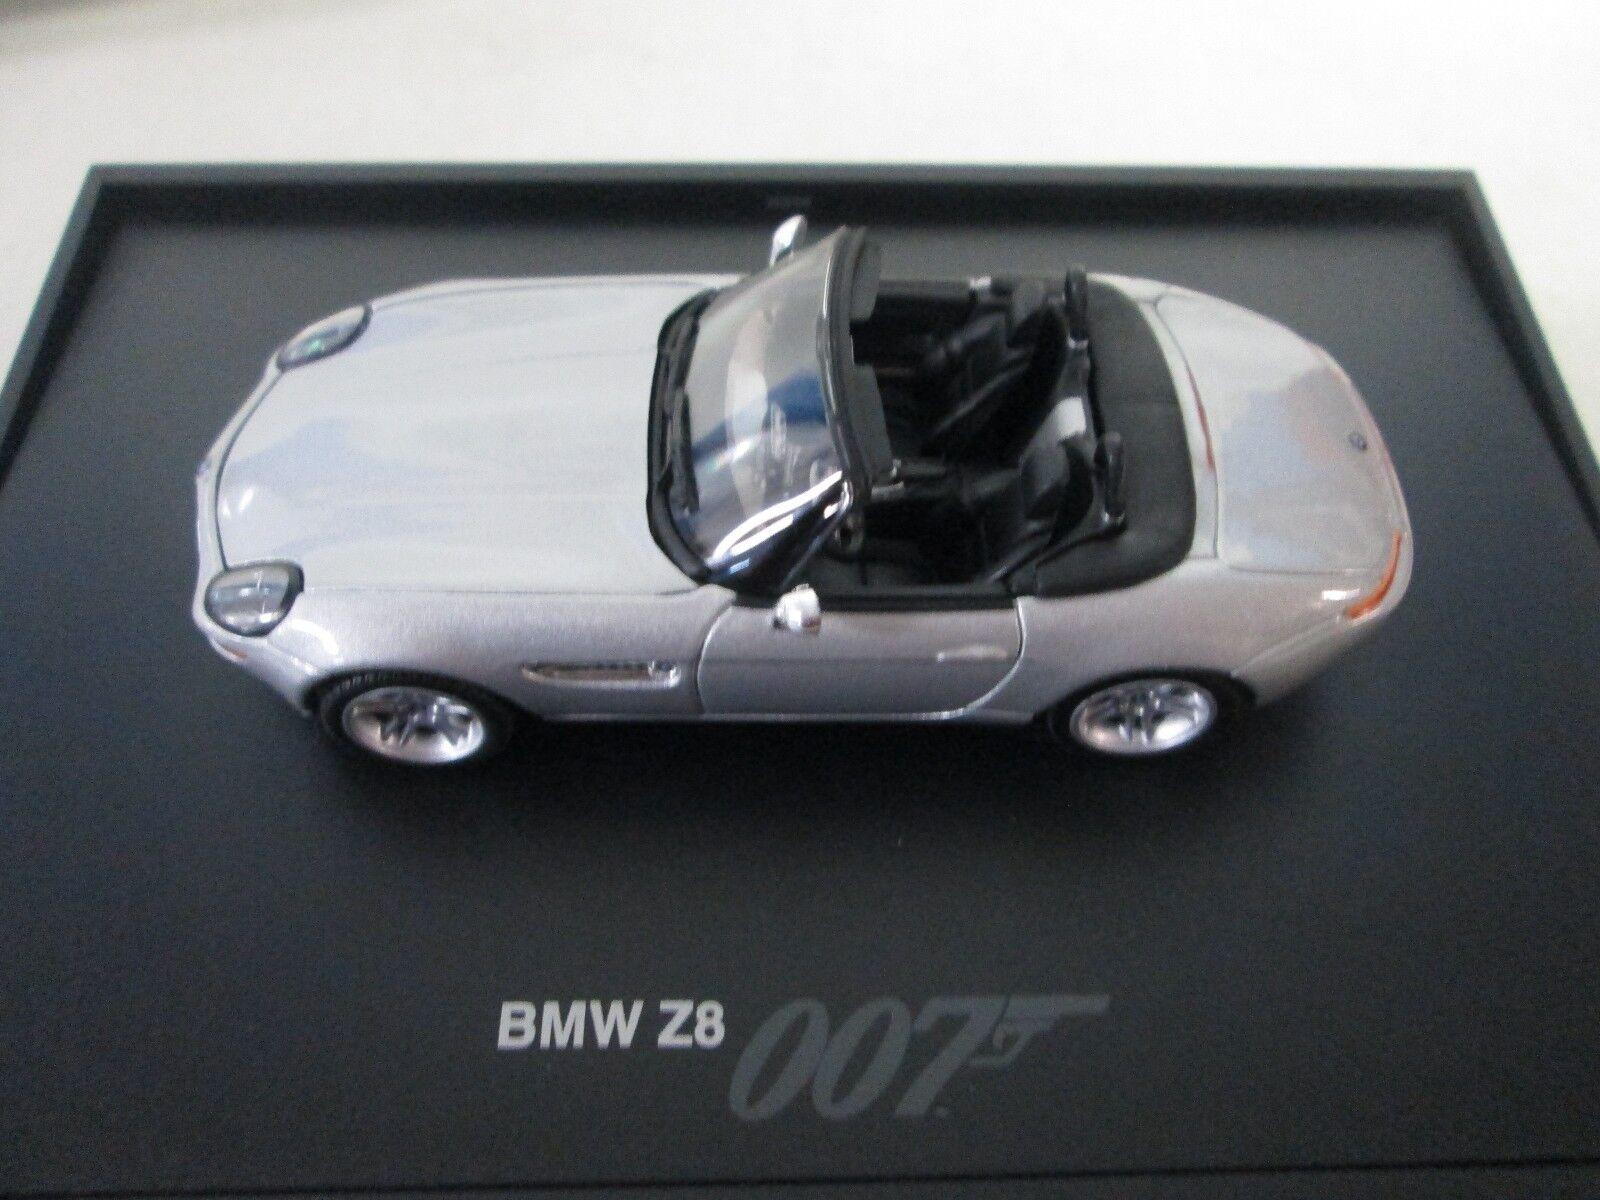 Minichamps BMW Z8 1 43 Dealer Edition James Bond 007 Edition